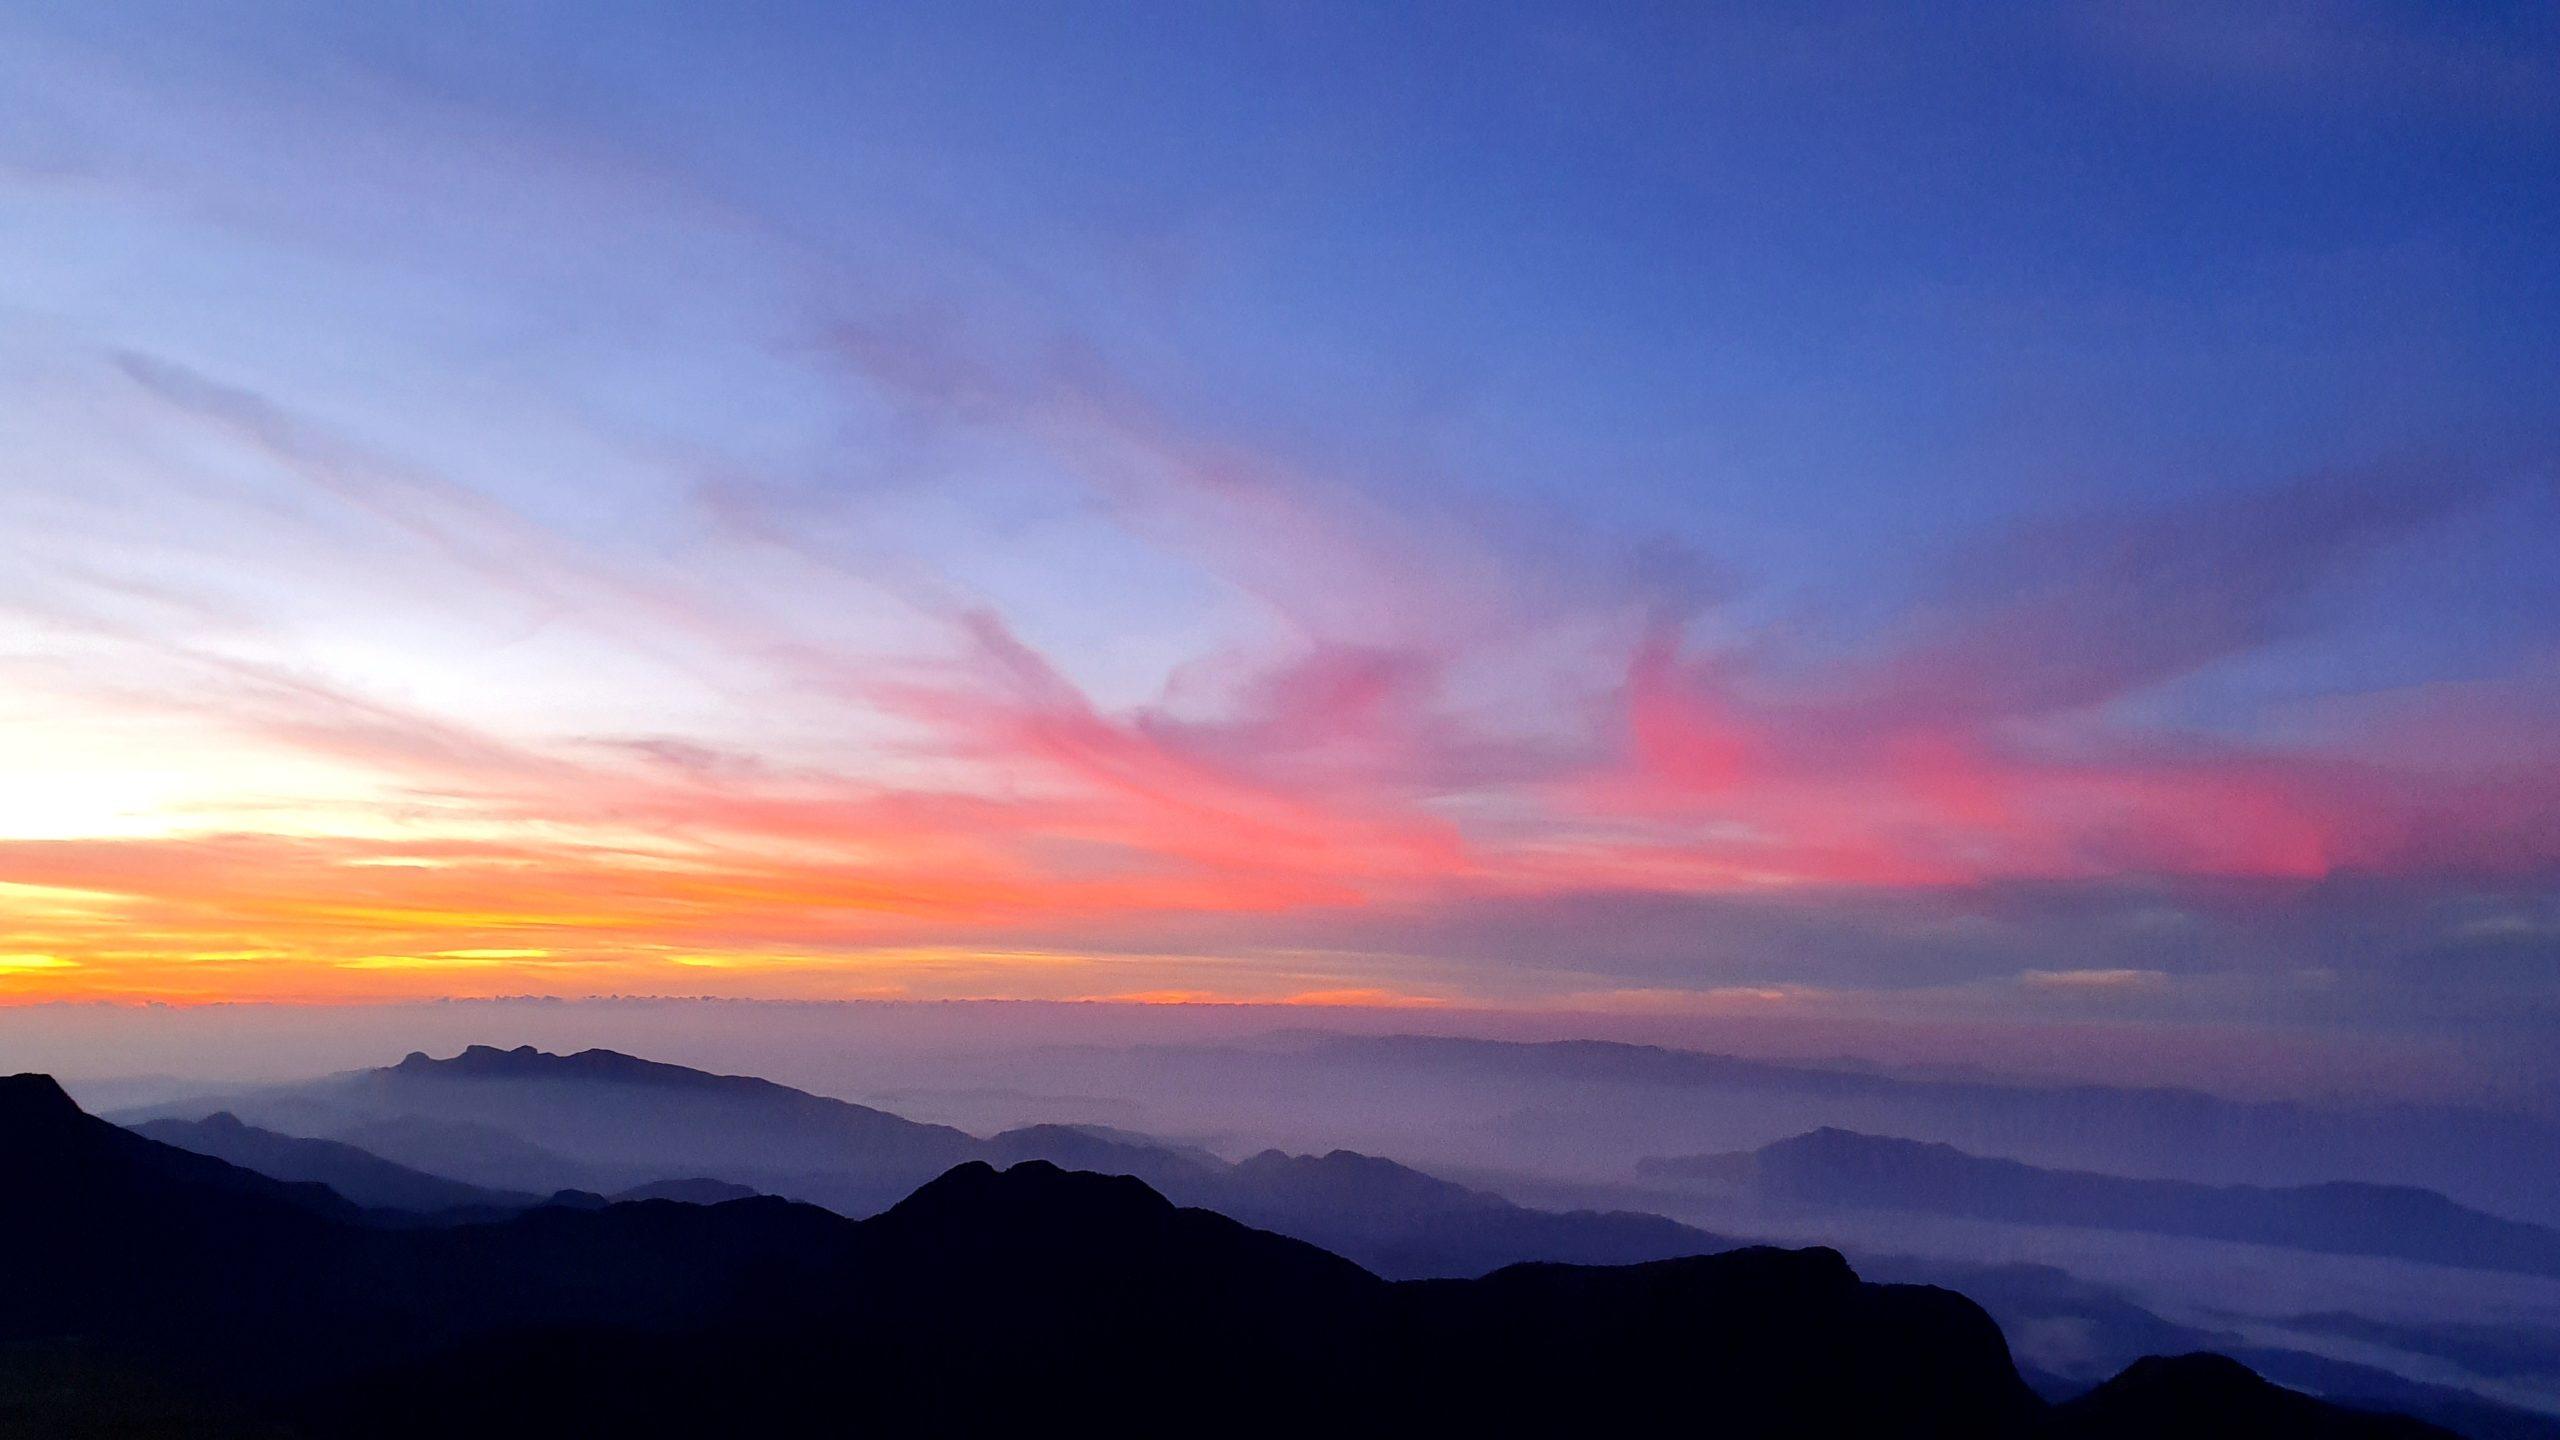 Sri Lanka worth Adam's Peak sunrise